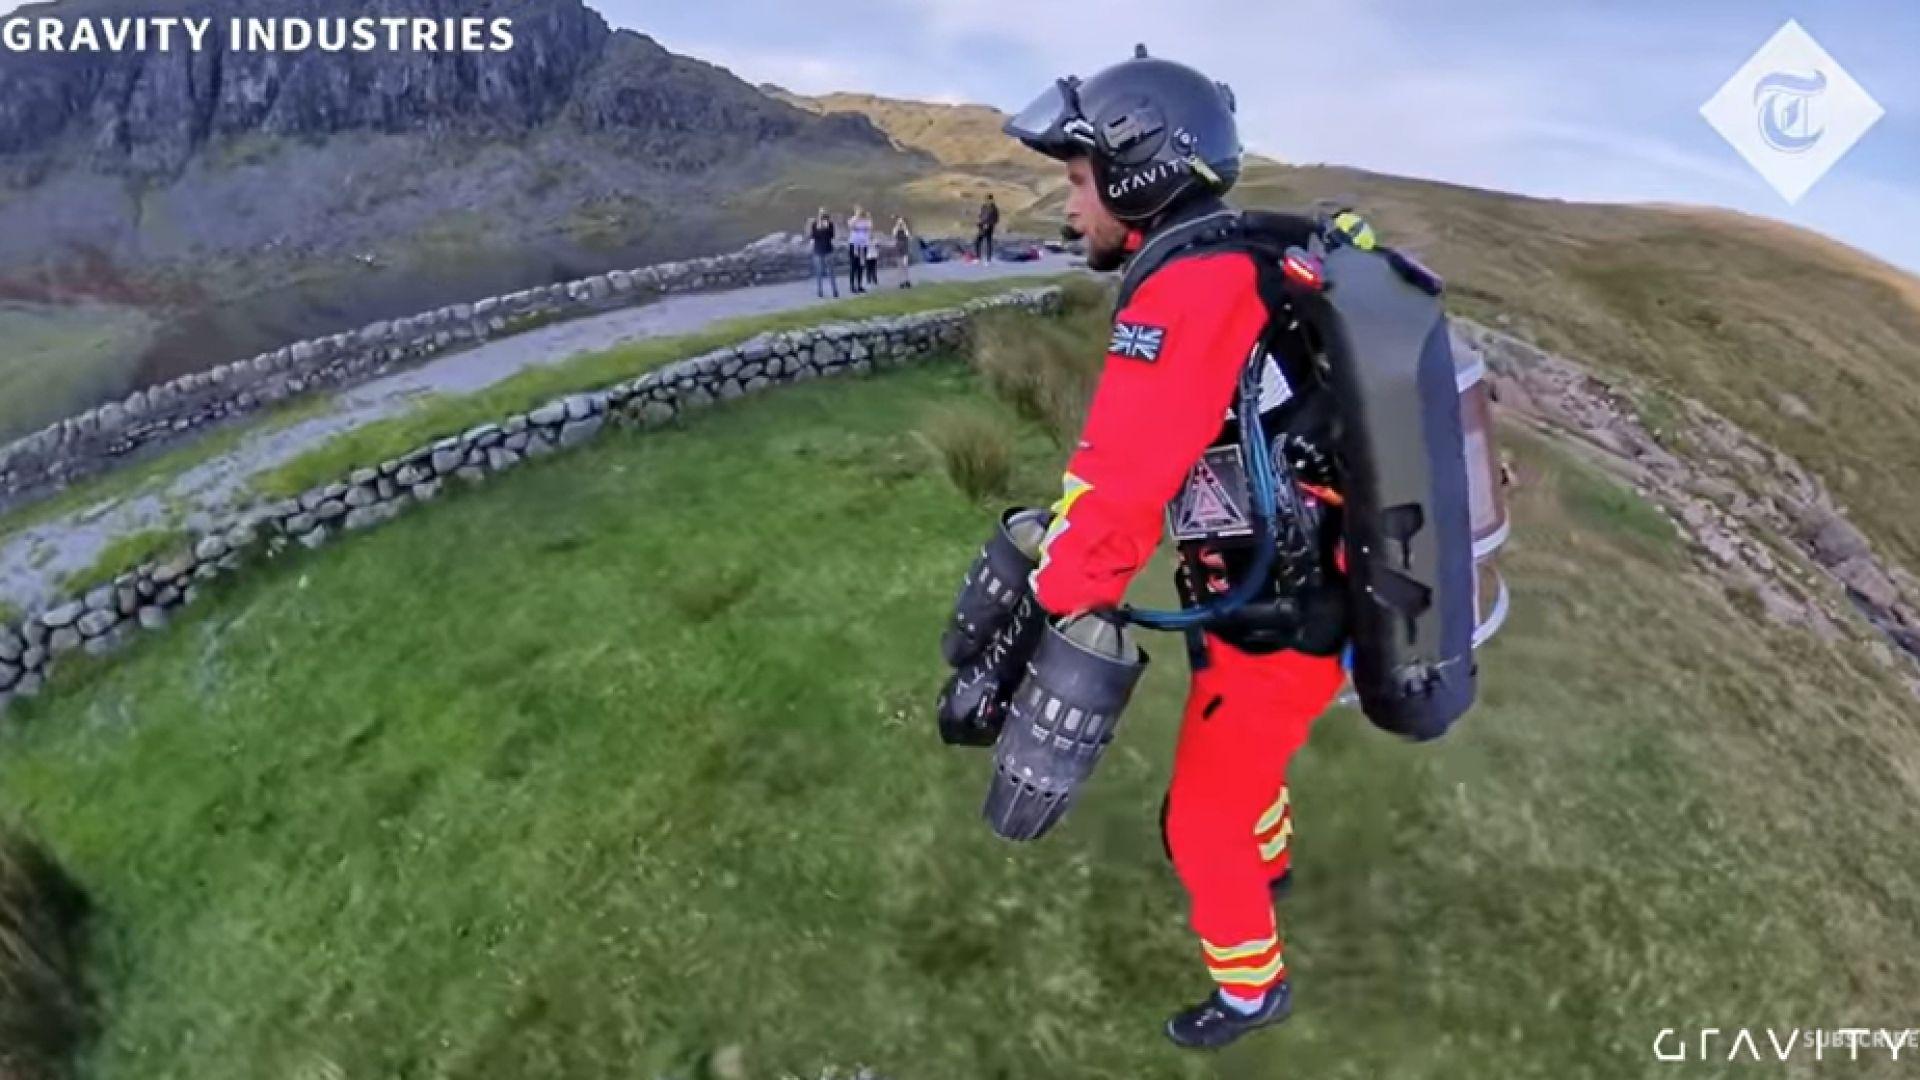 Парамедици спасяват с летящ костюм пострадали в Лейк Дистрикт (видео)